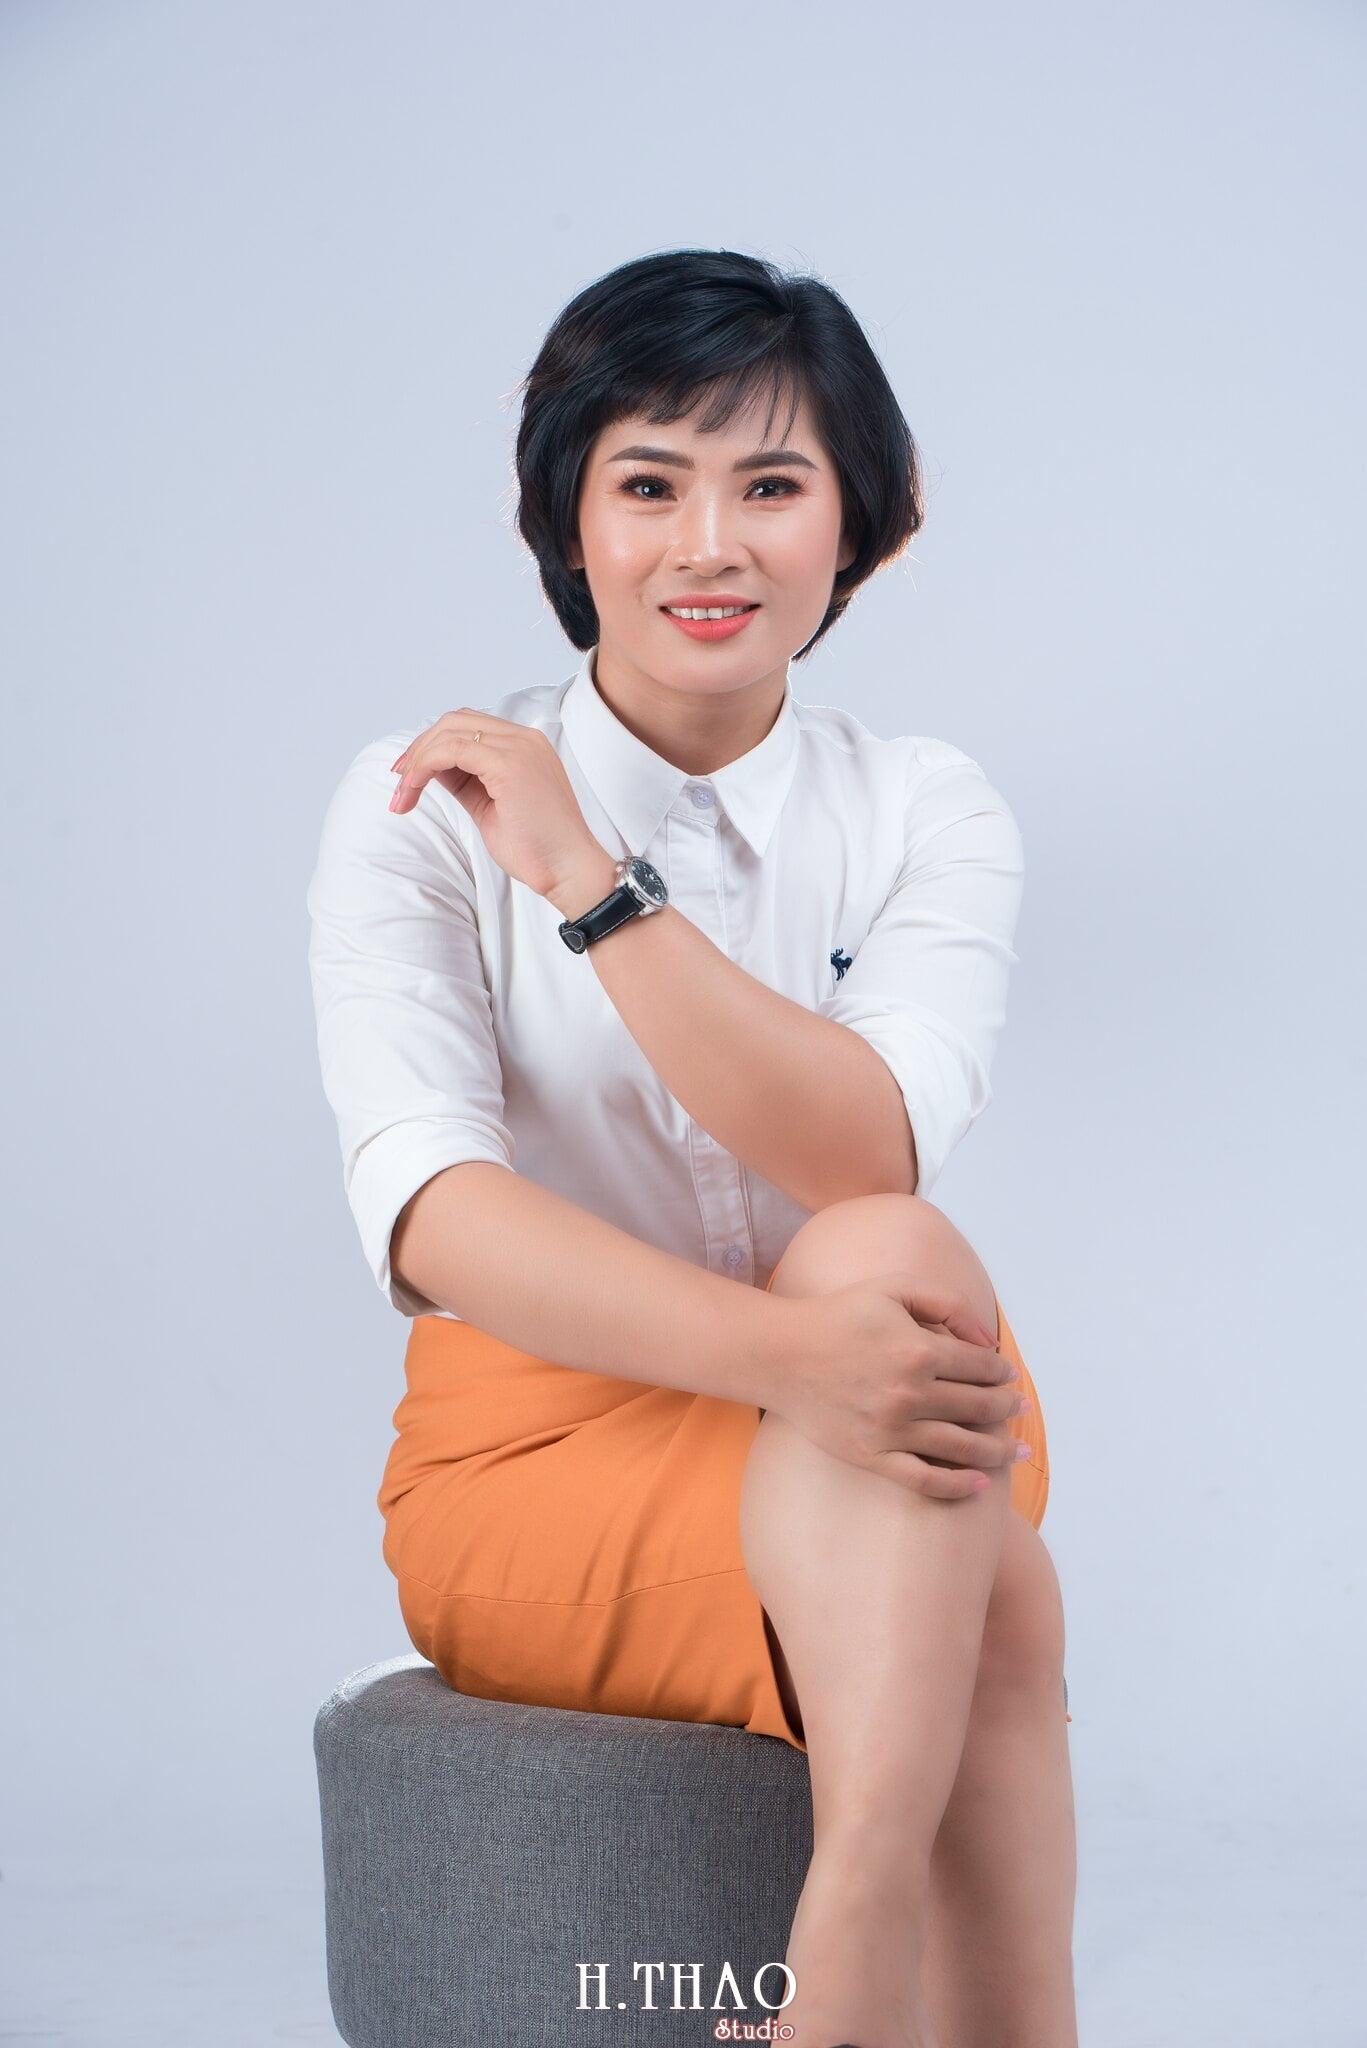 cong ty manulife 14 min - Studio chụp ảnh profile cá nhân chuyên nghiệp ở Tp.HCM- HThao Studio